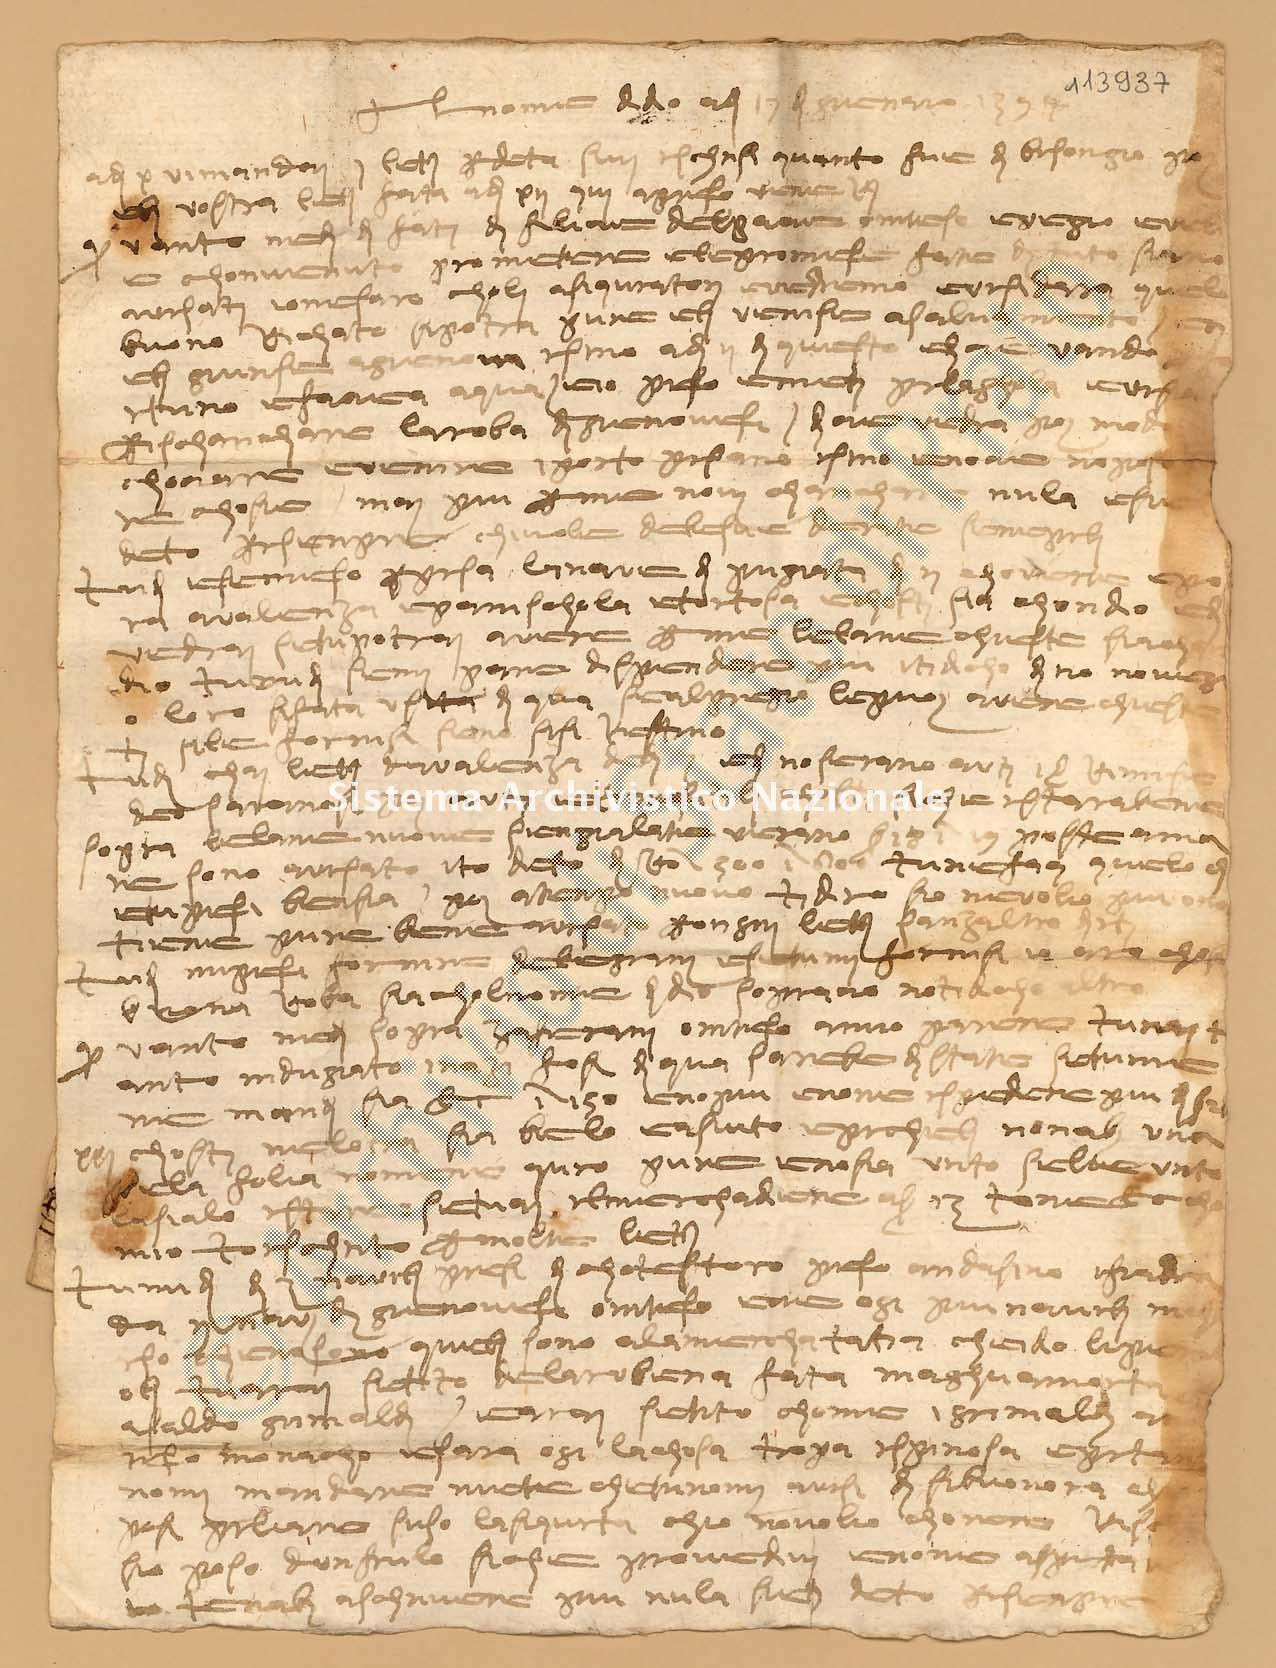 Archivio di Stato di Prato, Fondo Datini, Fondaco di Barcellona, Carteggio diretto al fondaco da Firenze, 857.1 Lettere Di Boni Ambrogio Di Meo a Datini Francesco Di Marco e Luca Del Sera e Comp. (busta 857, inserto 1, codice 113937)